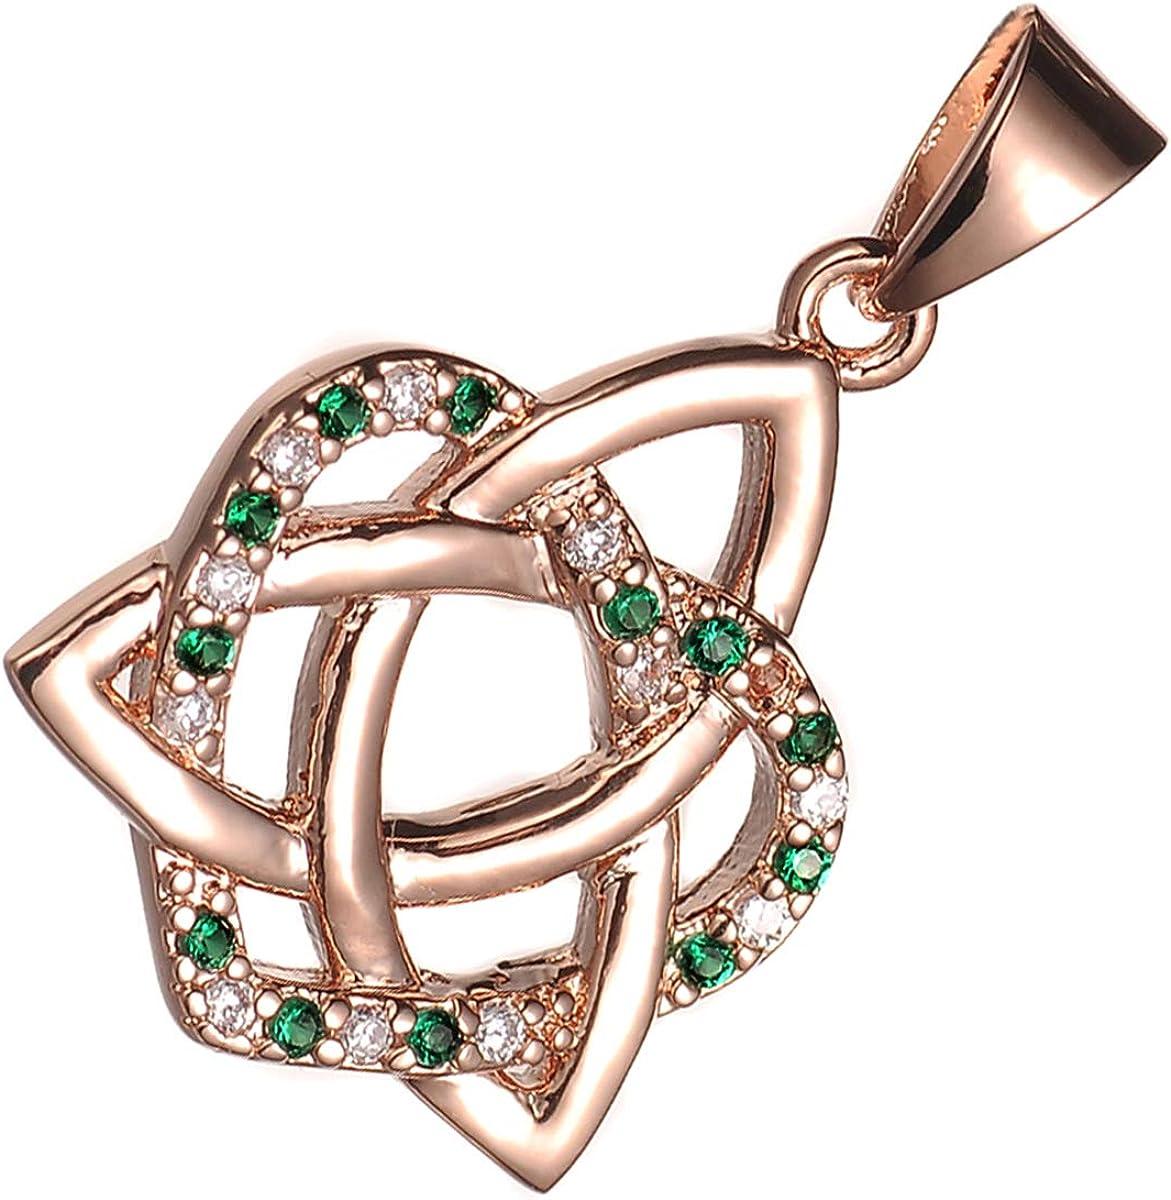 GWG Jewellery Collares Mujer Regalo Collar con Colgante, Chapado en Oro Rosa 18K Triqueta Celta de Trinidad Adornada con Circonitas Colorados y Entrelazada con Corazón para Mujeres